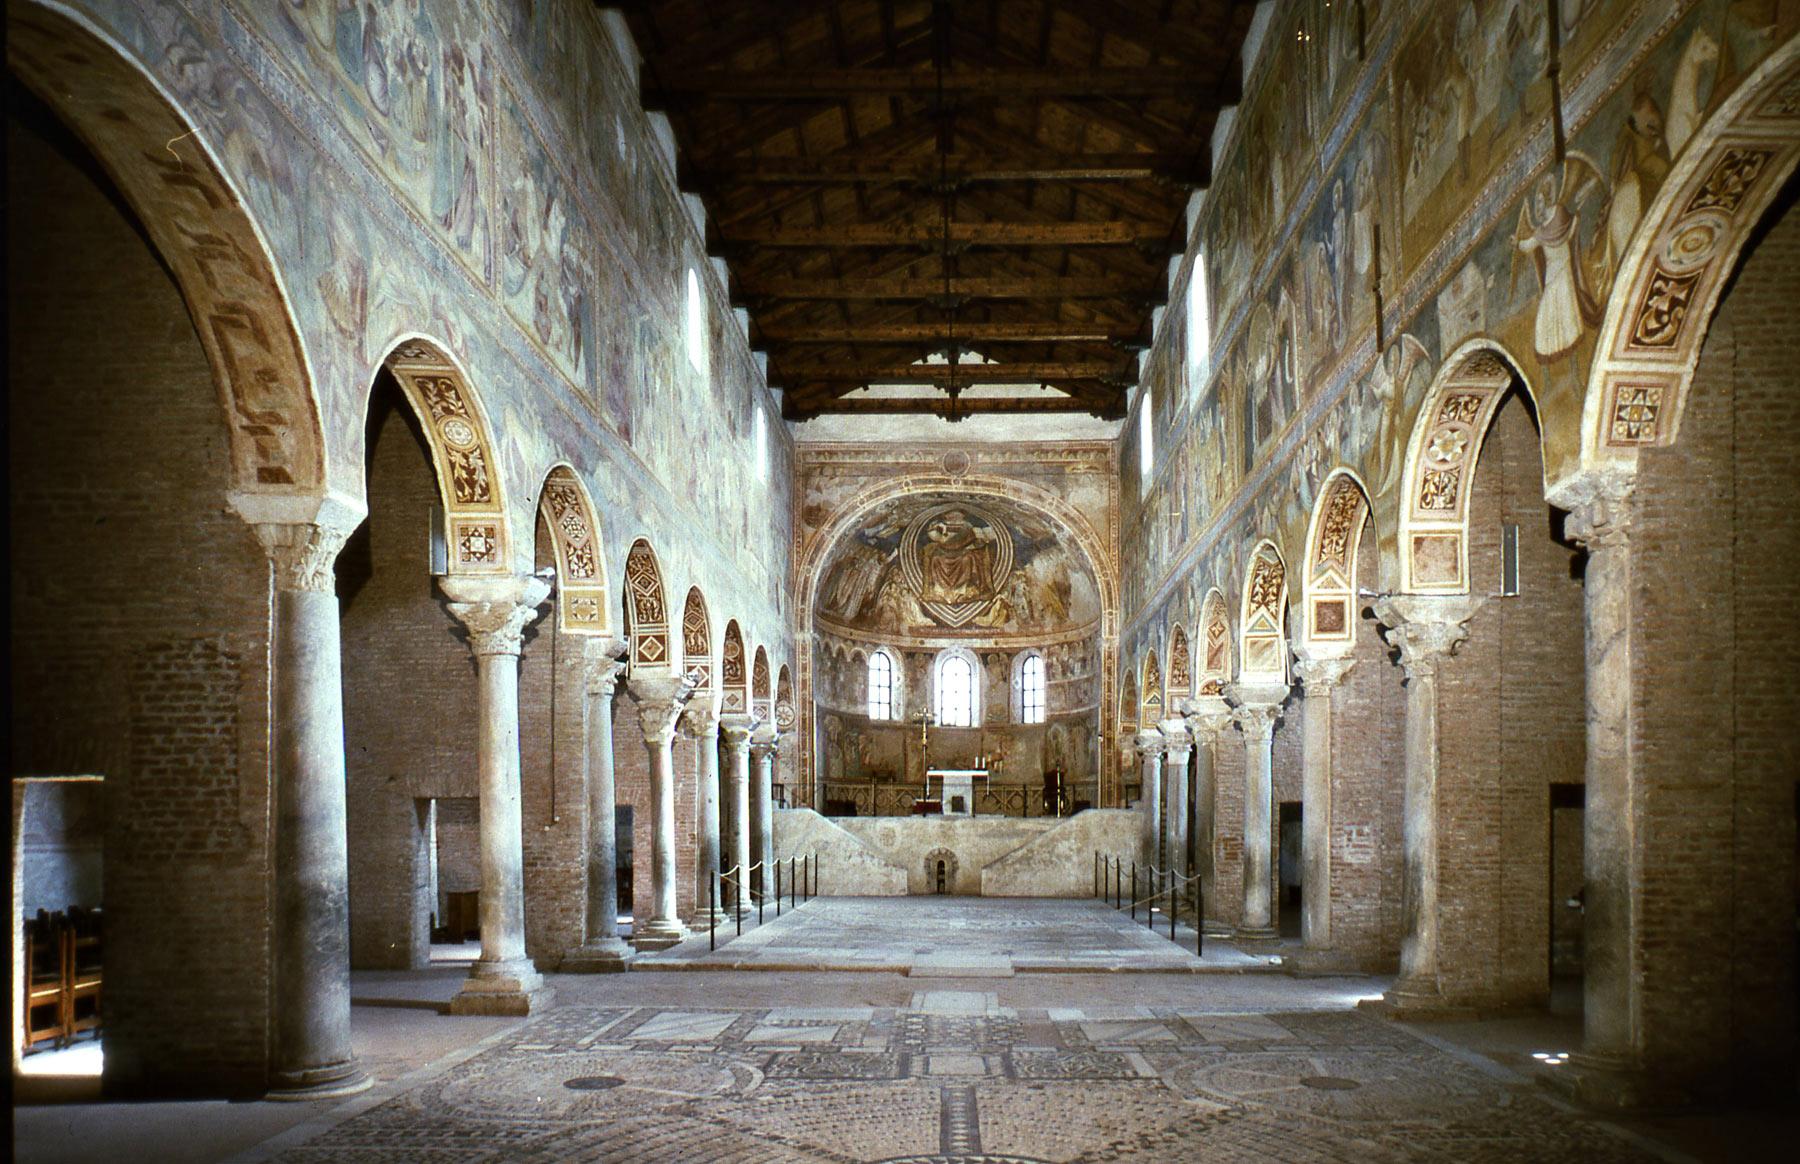 L'Abbazia di Pomposa (Viae Misericordiae)